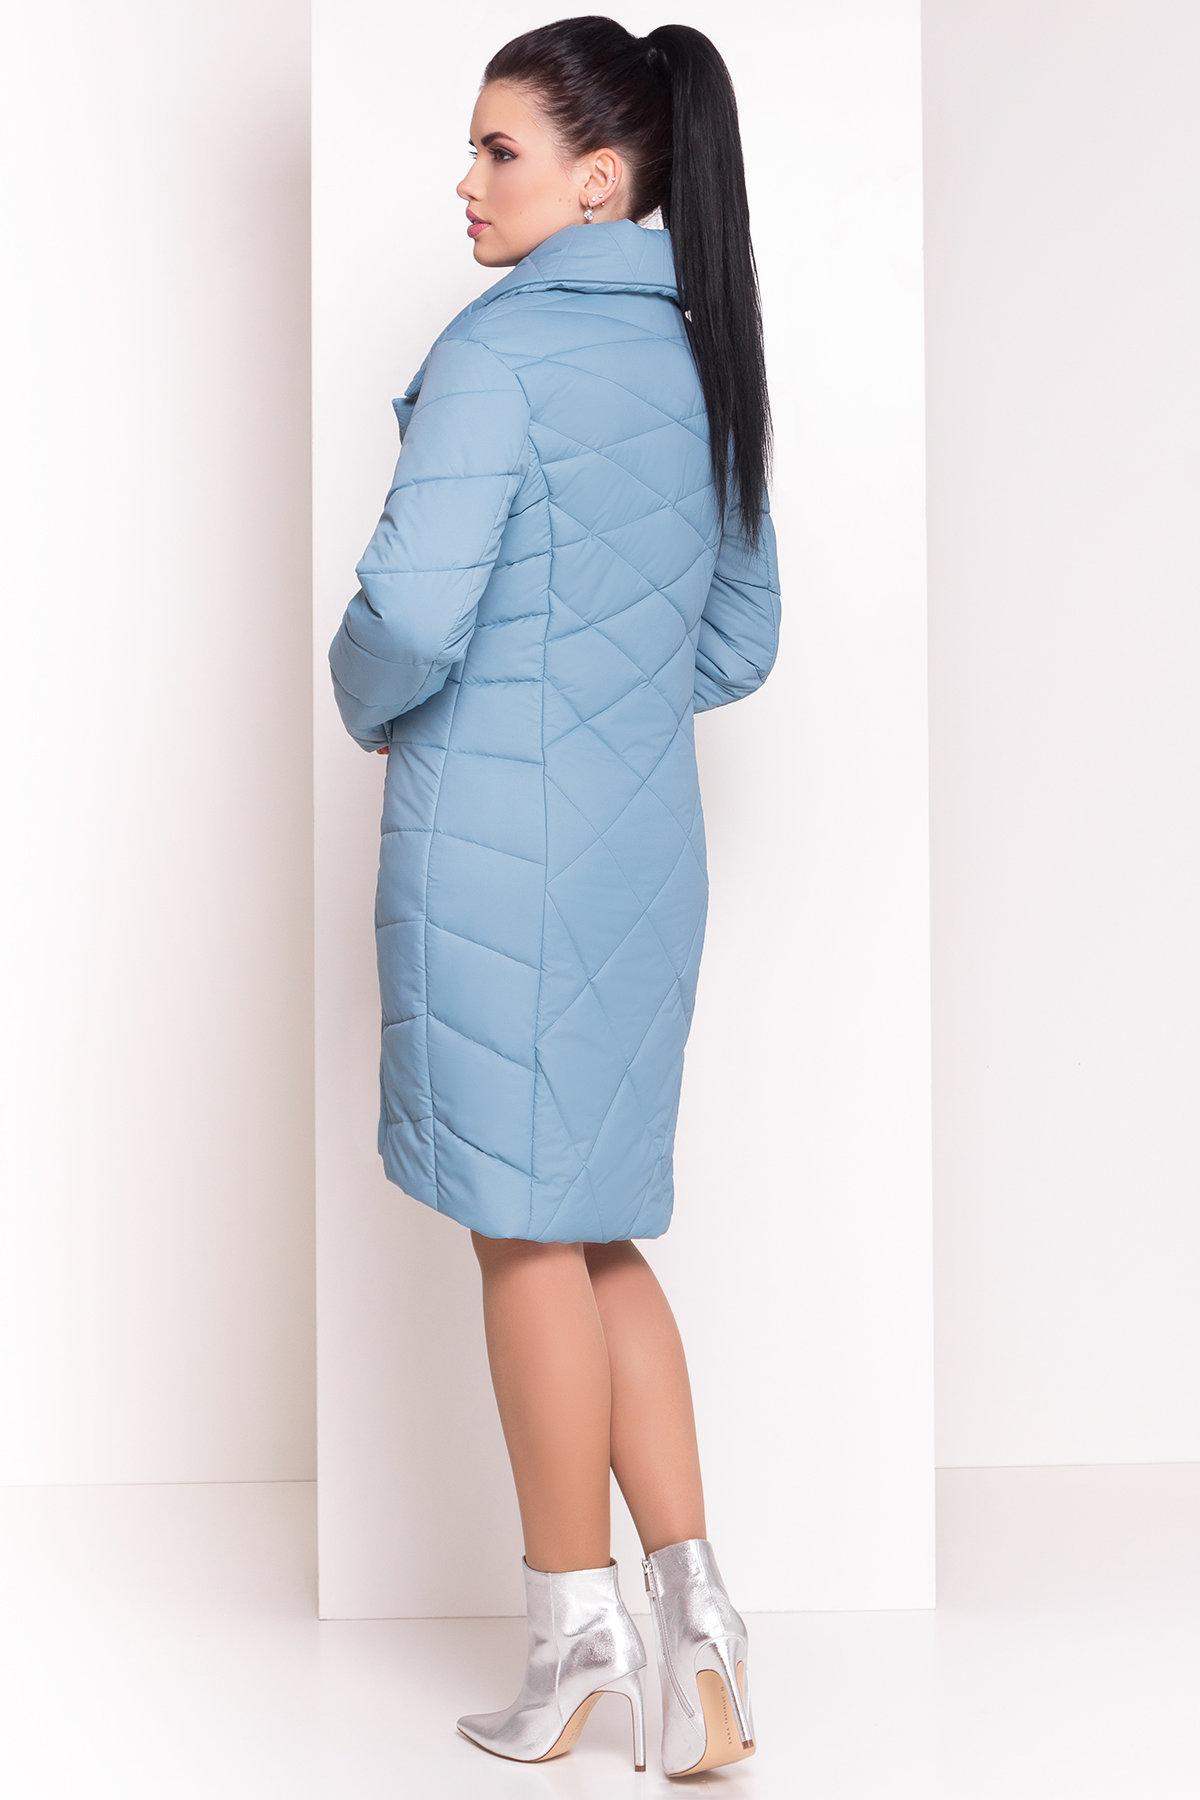 Стеганое демисезонное пальто-куртка Сандра 4526 АРТ. 21524 Цвет: Голубой - фото 3, интернет магазин tm-modus.ru